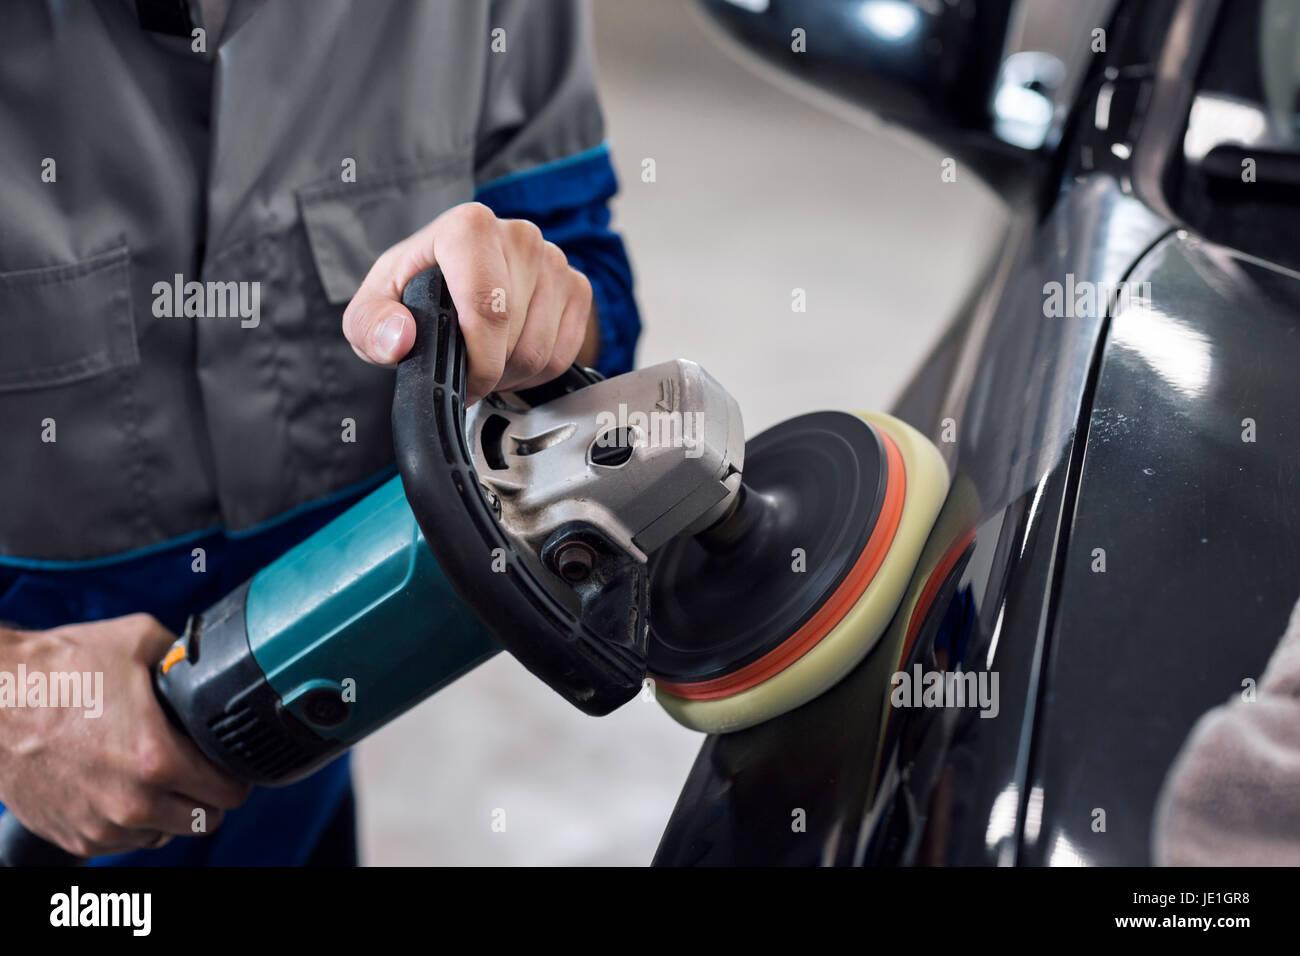 Close-up de manos con abrillantador de trabajador polaco un automóvil negro cuerpo en el taller Foto de stock